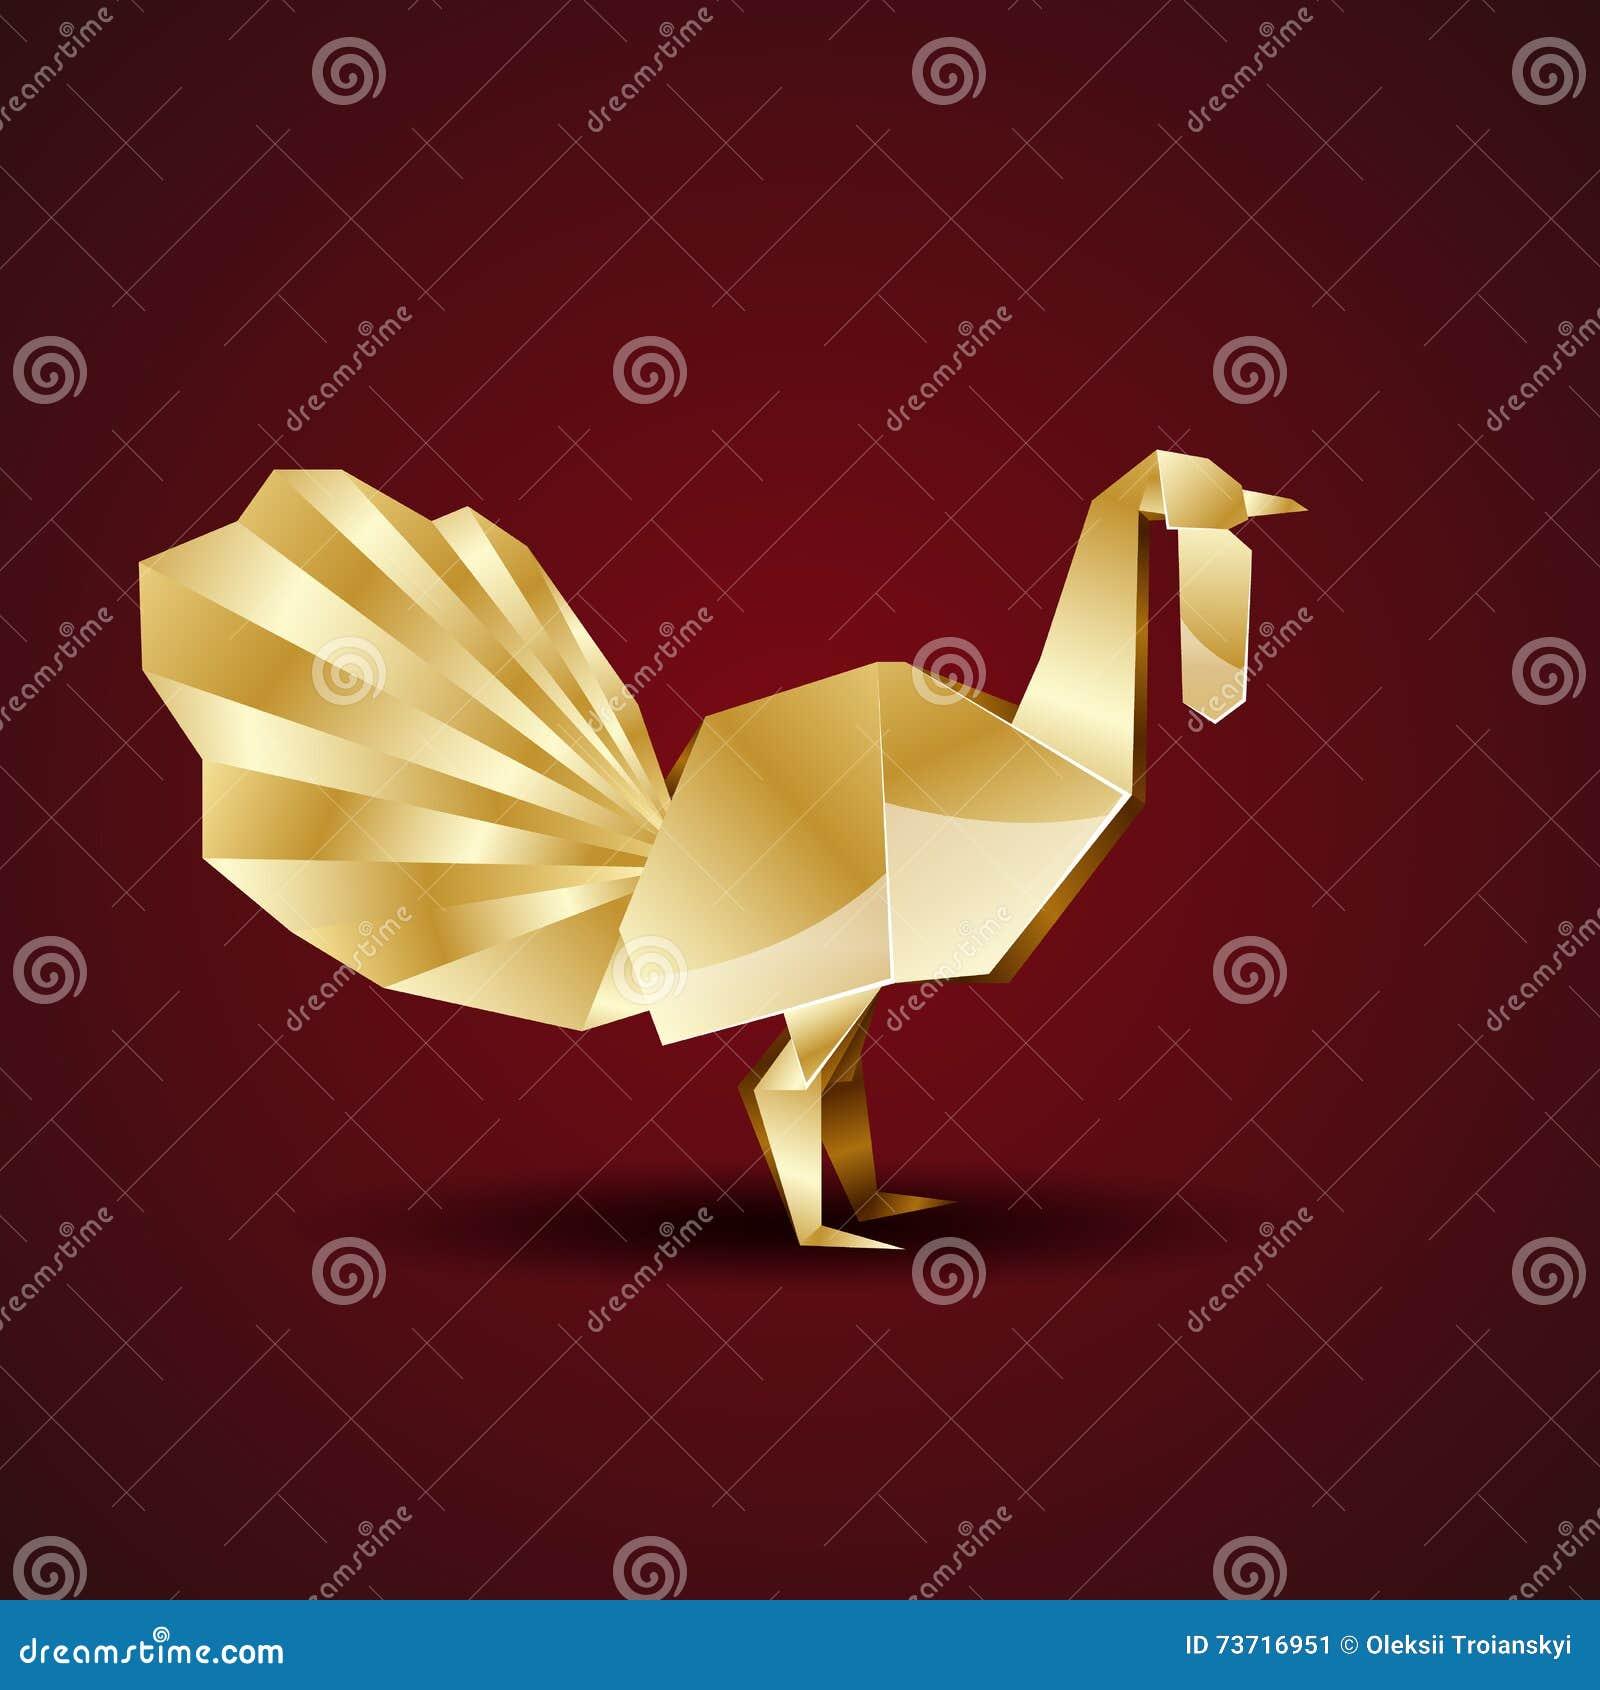 Vector Golden Origami Turkey Stock Vector Illustration Of Vector